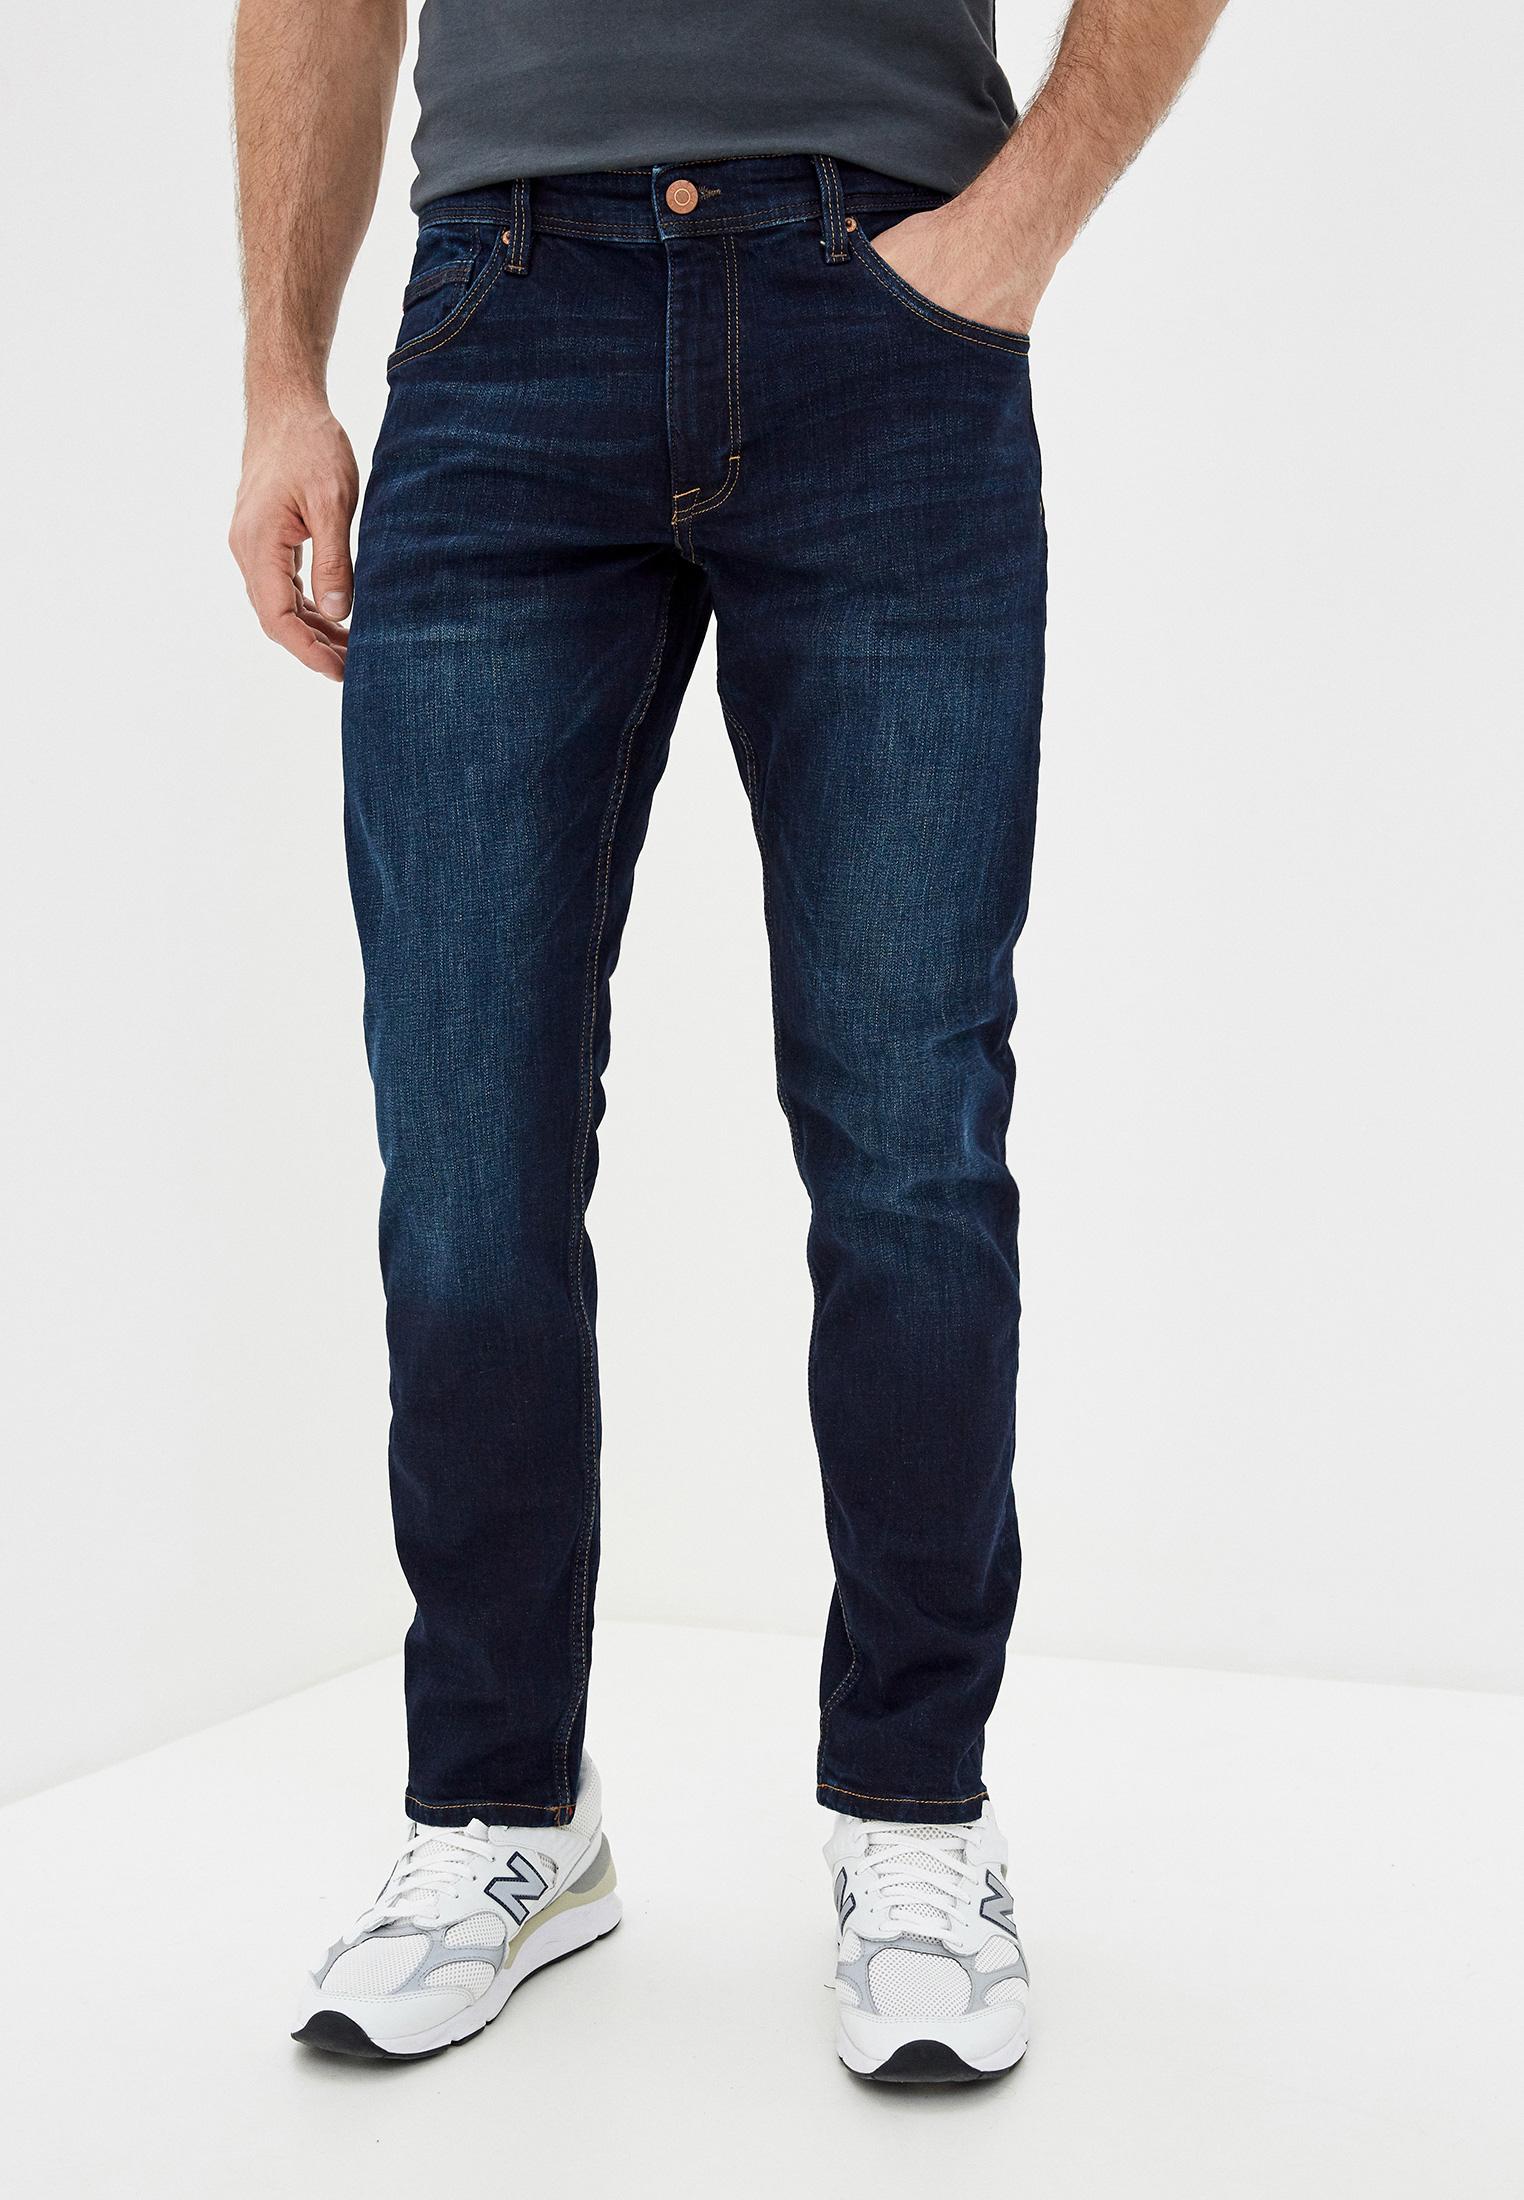 Зауженные джинсы s.Oliver (с.Оливер) 130.11.899.26.180.2024709